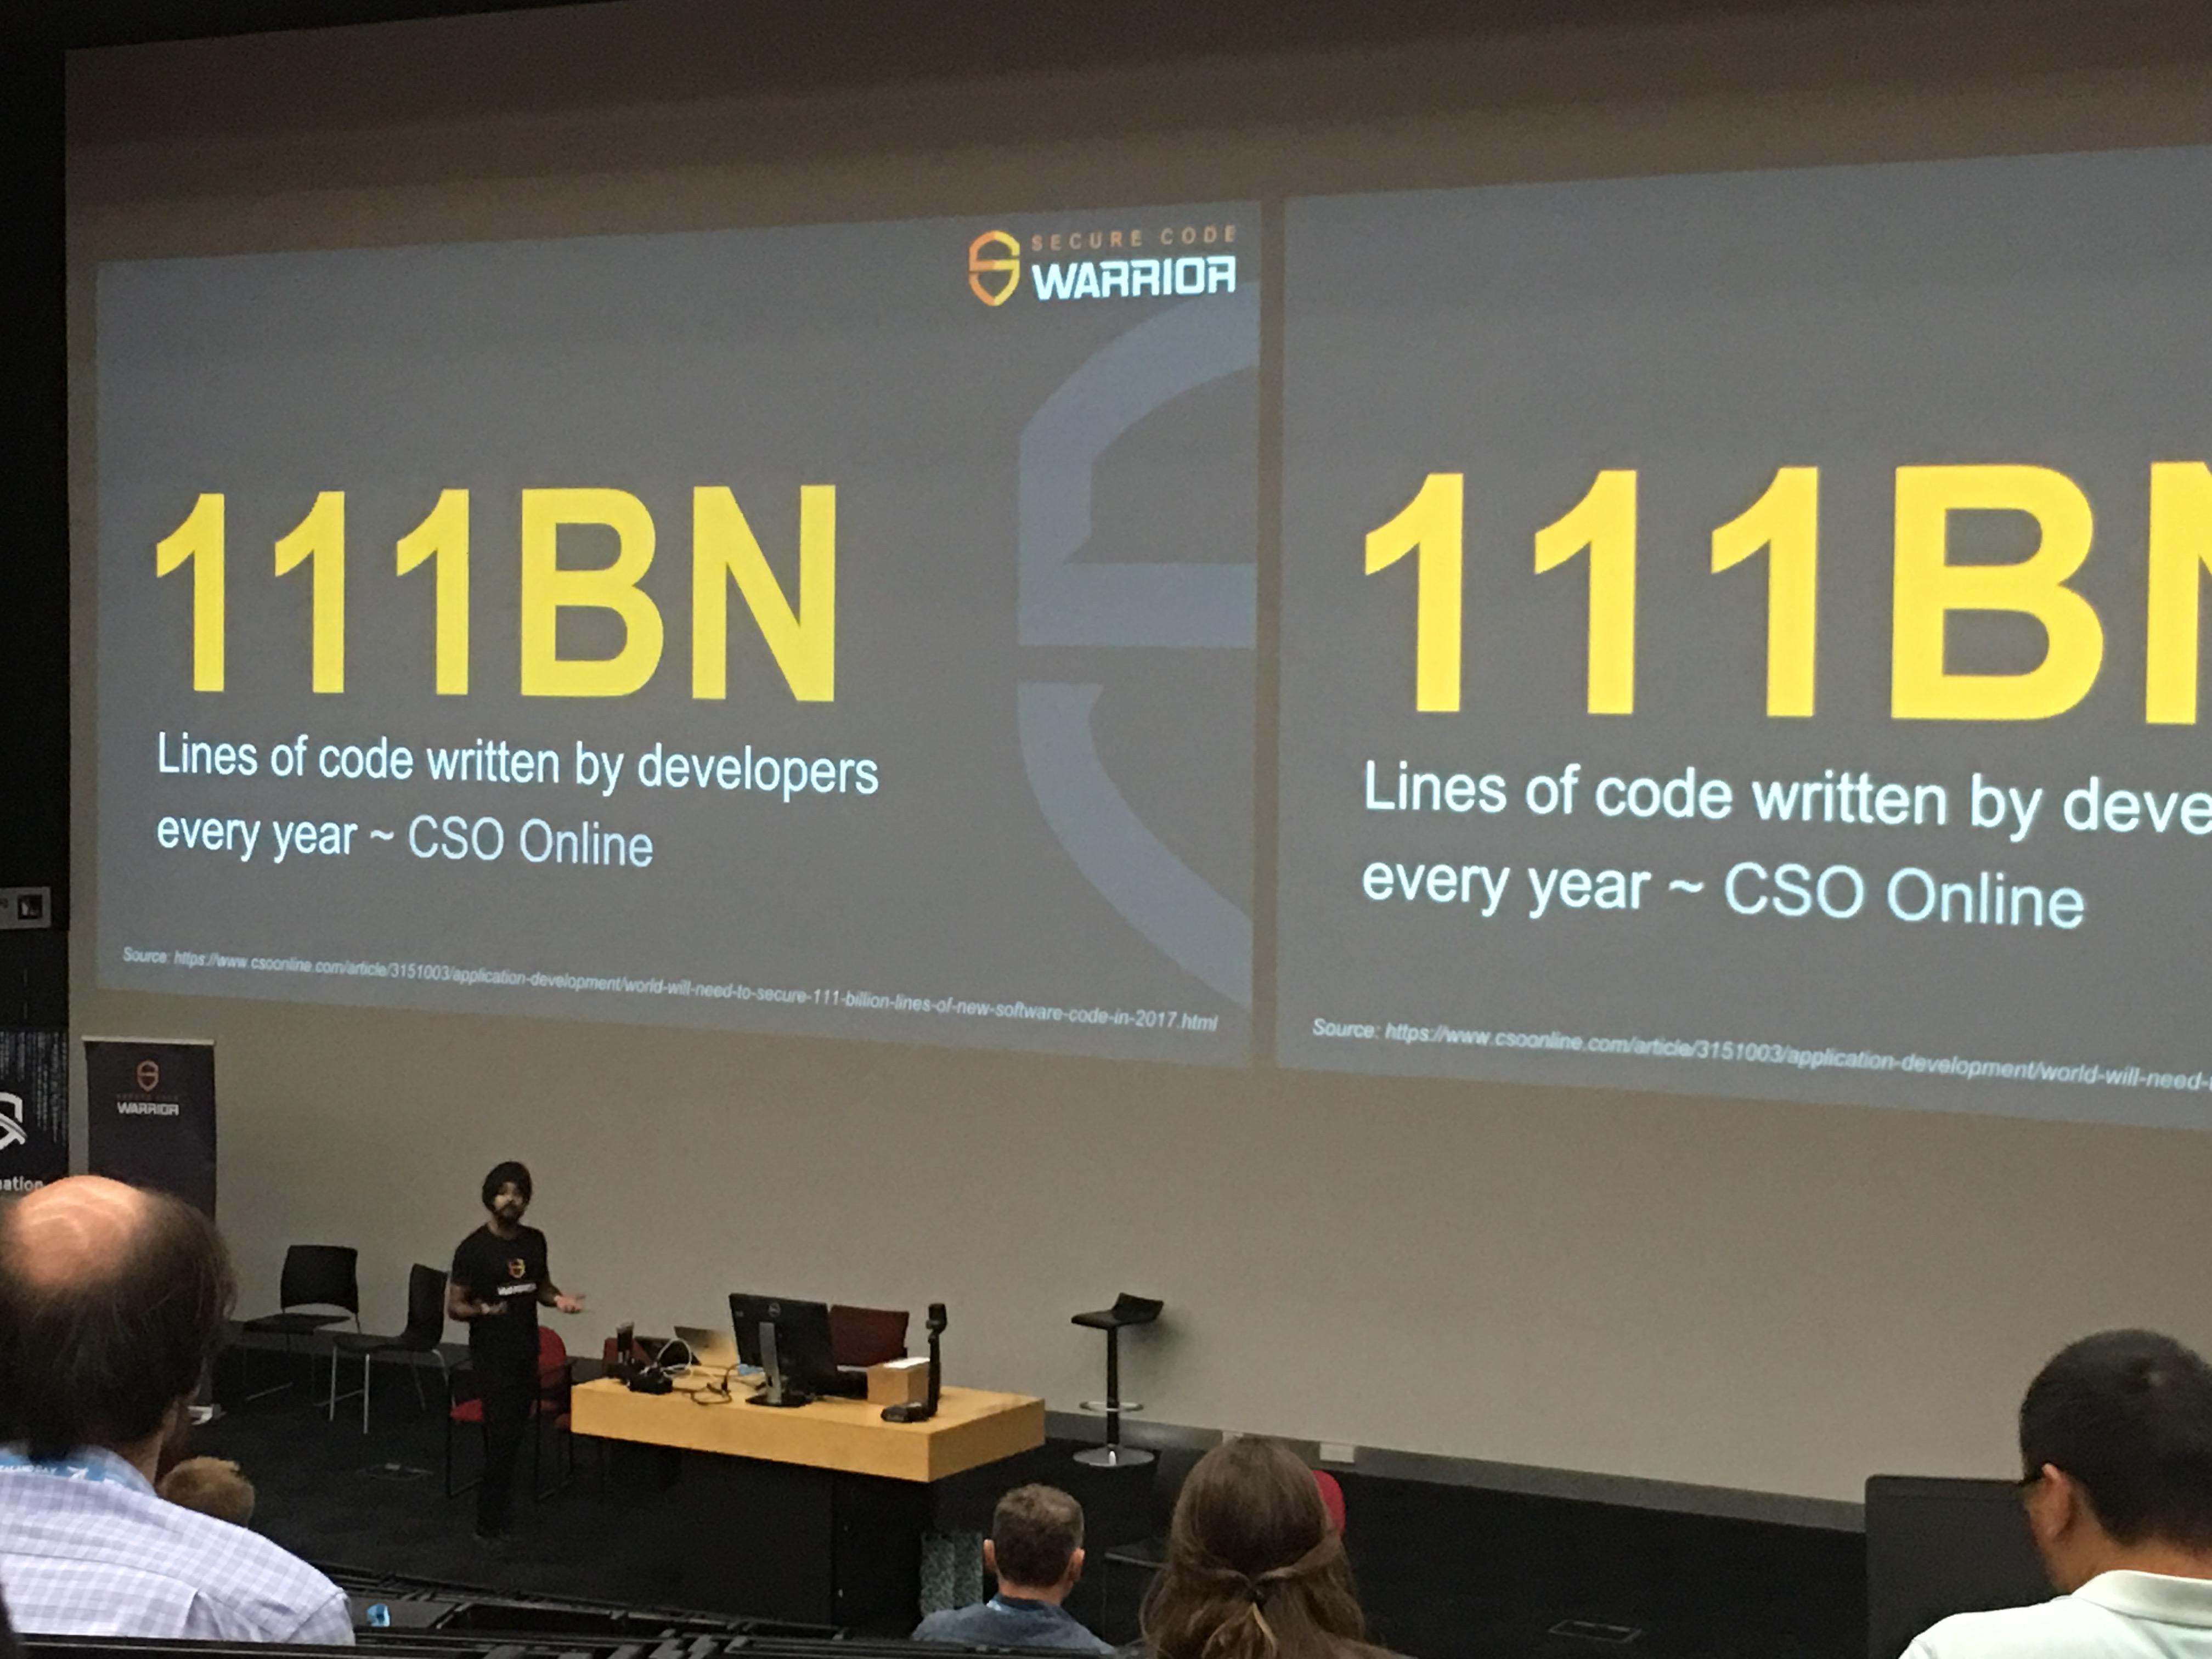 OWASP SLOC Count